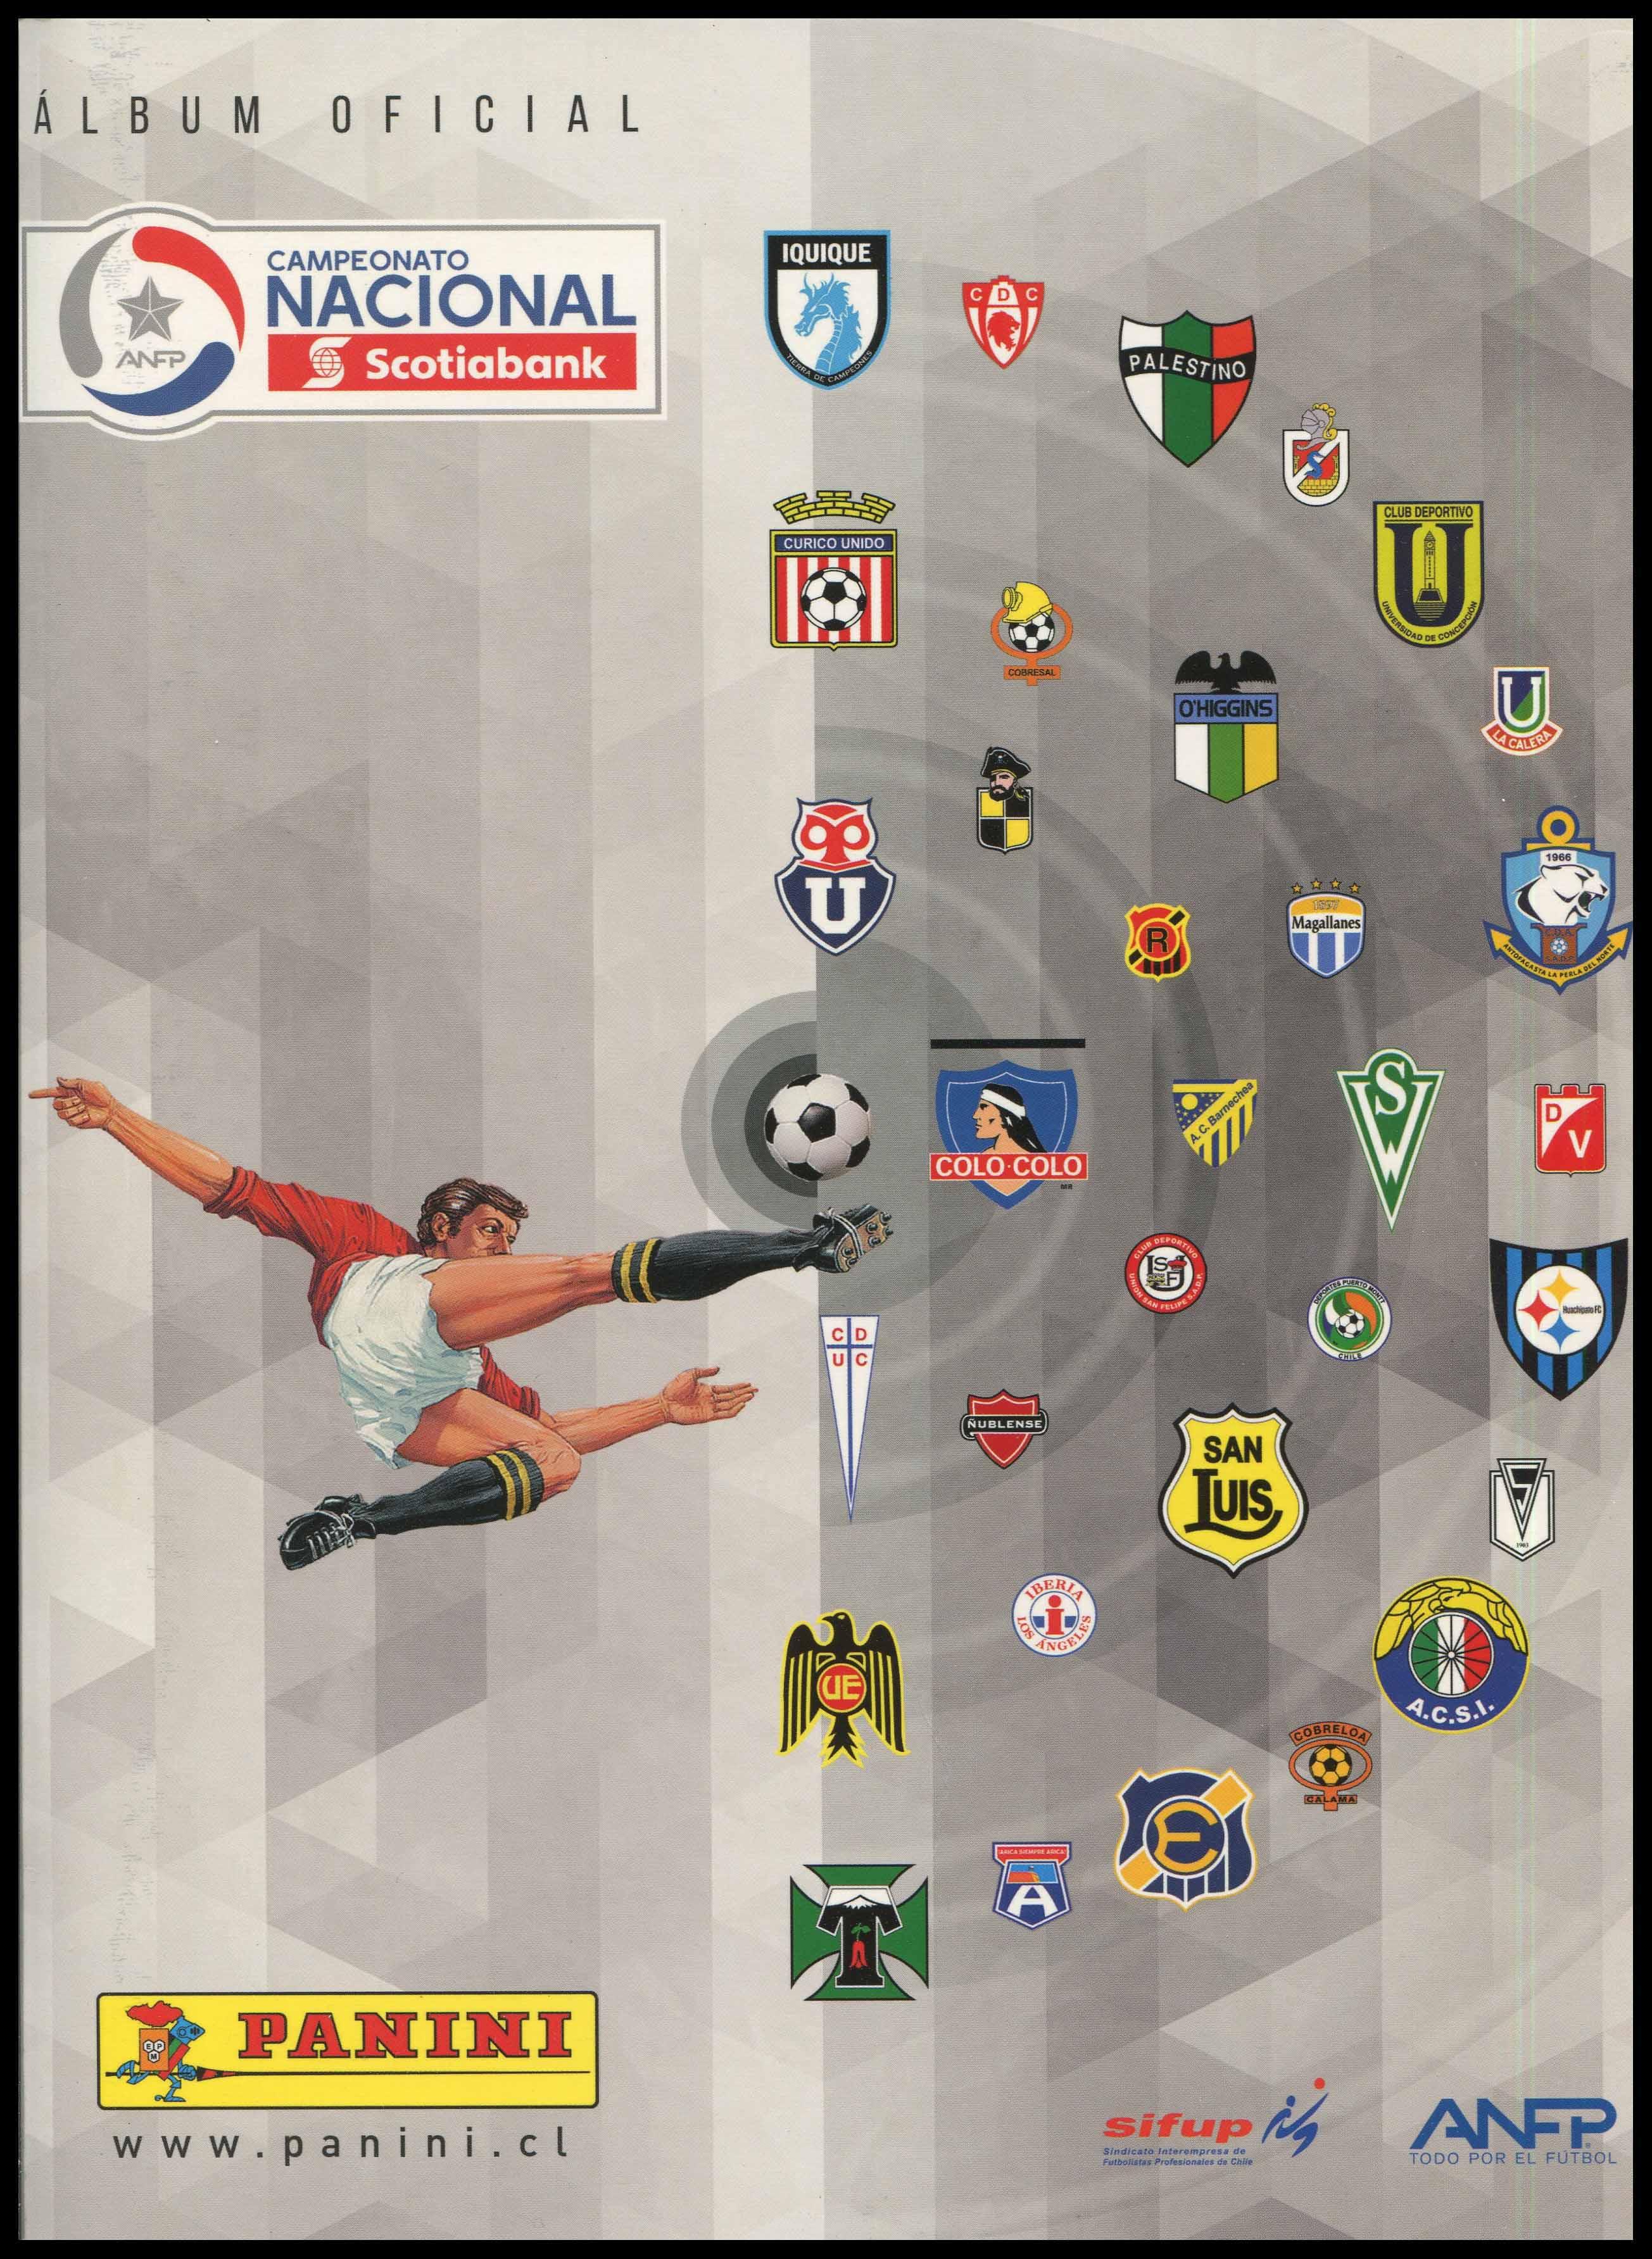 Campeonato Nacional Scotiabank 2017-2018